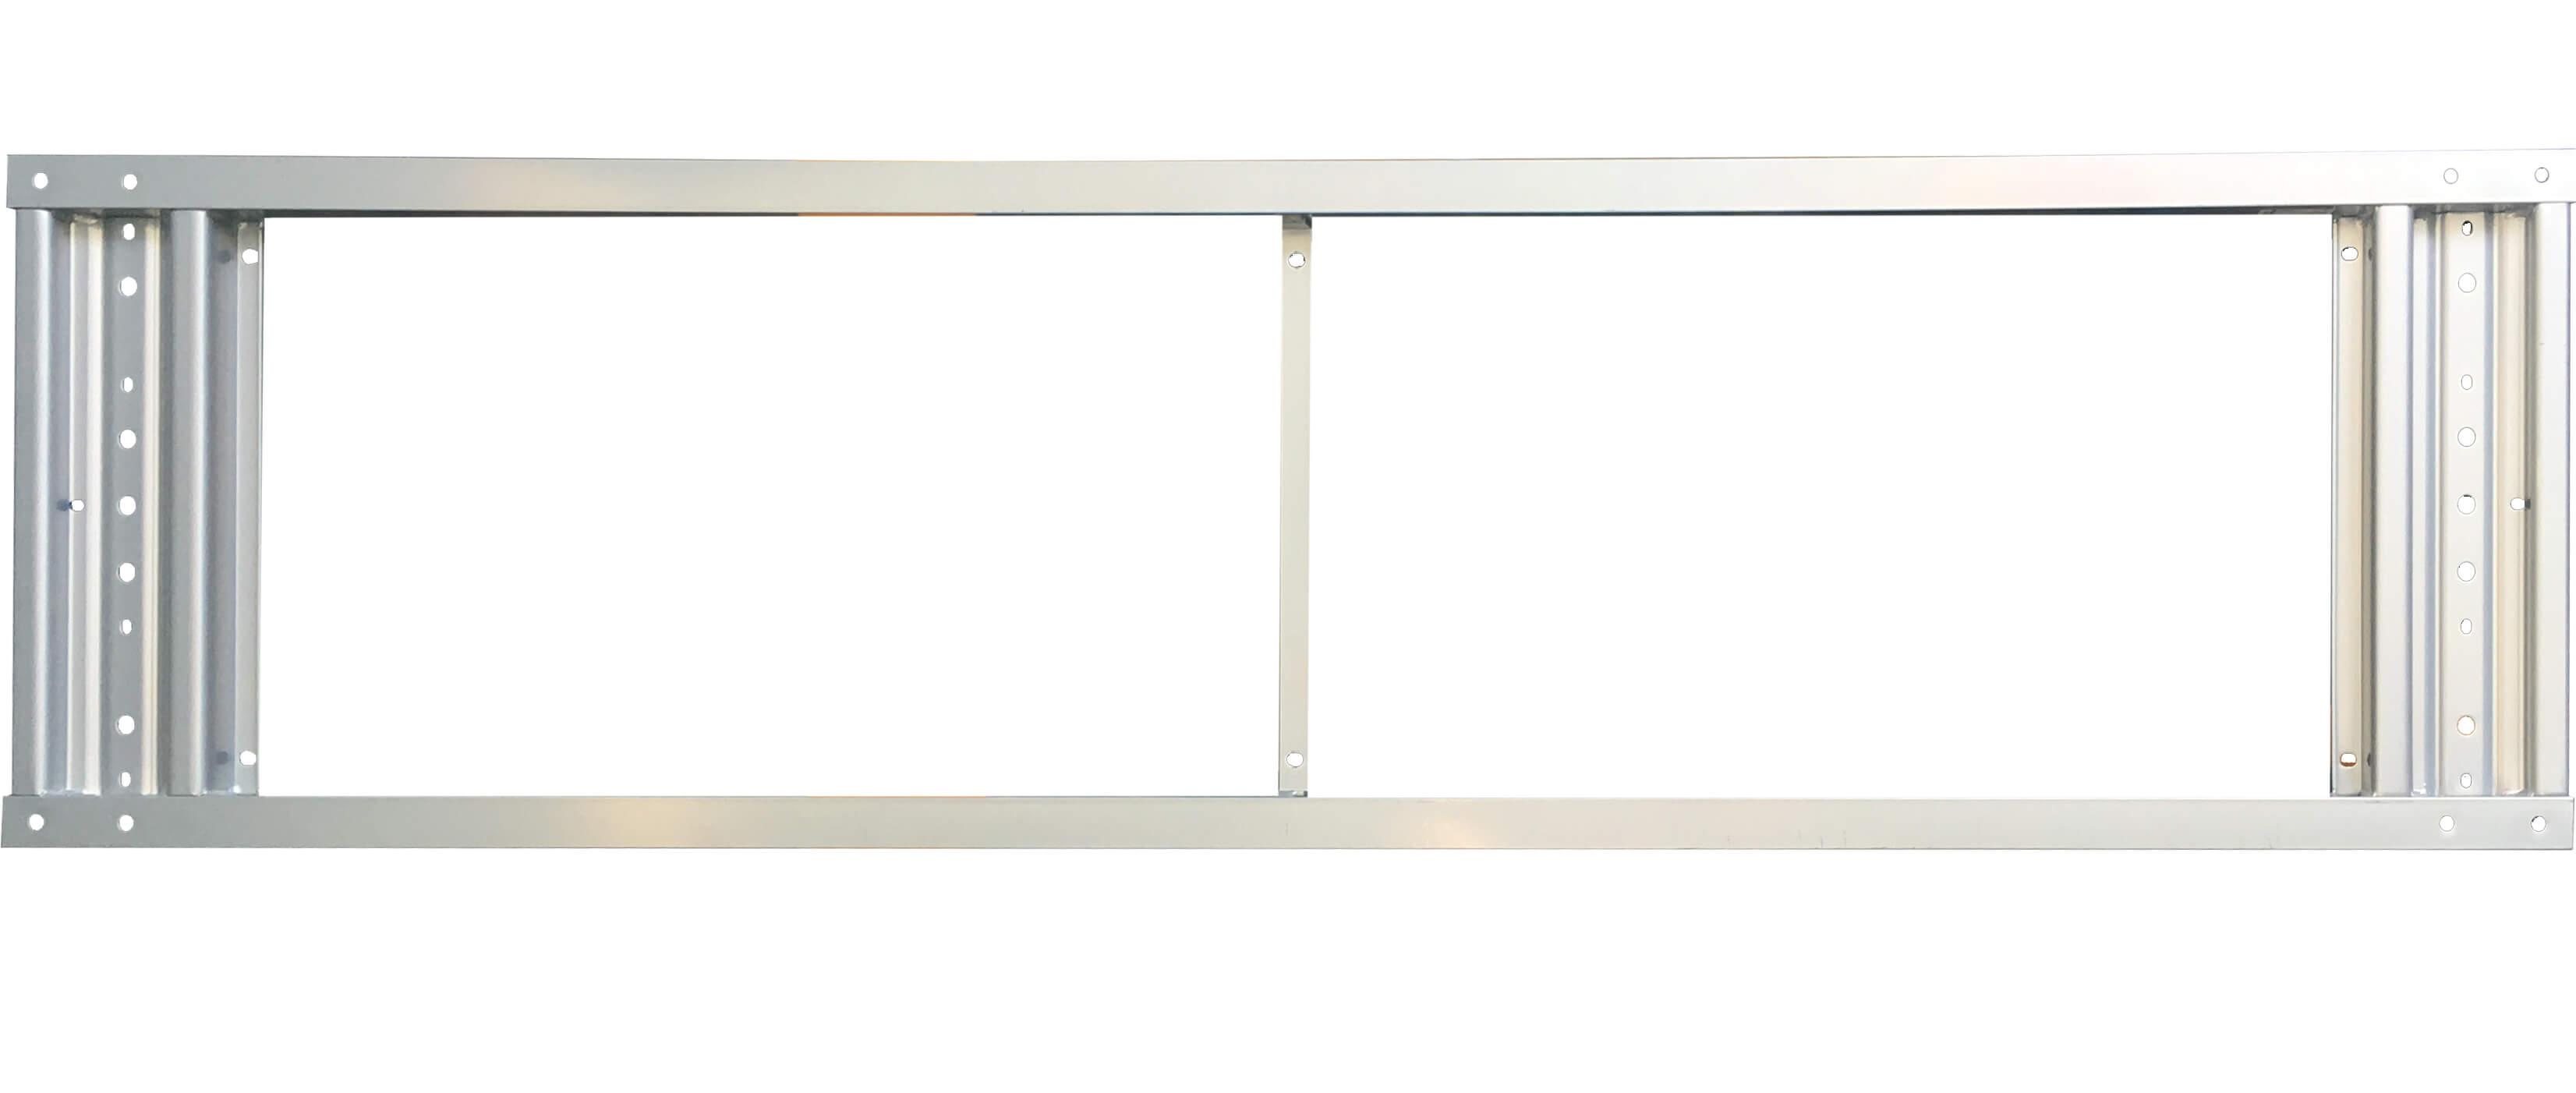 IKEA Galant Rahmen für Tischplatten 160cm 000.568.84-00056884